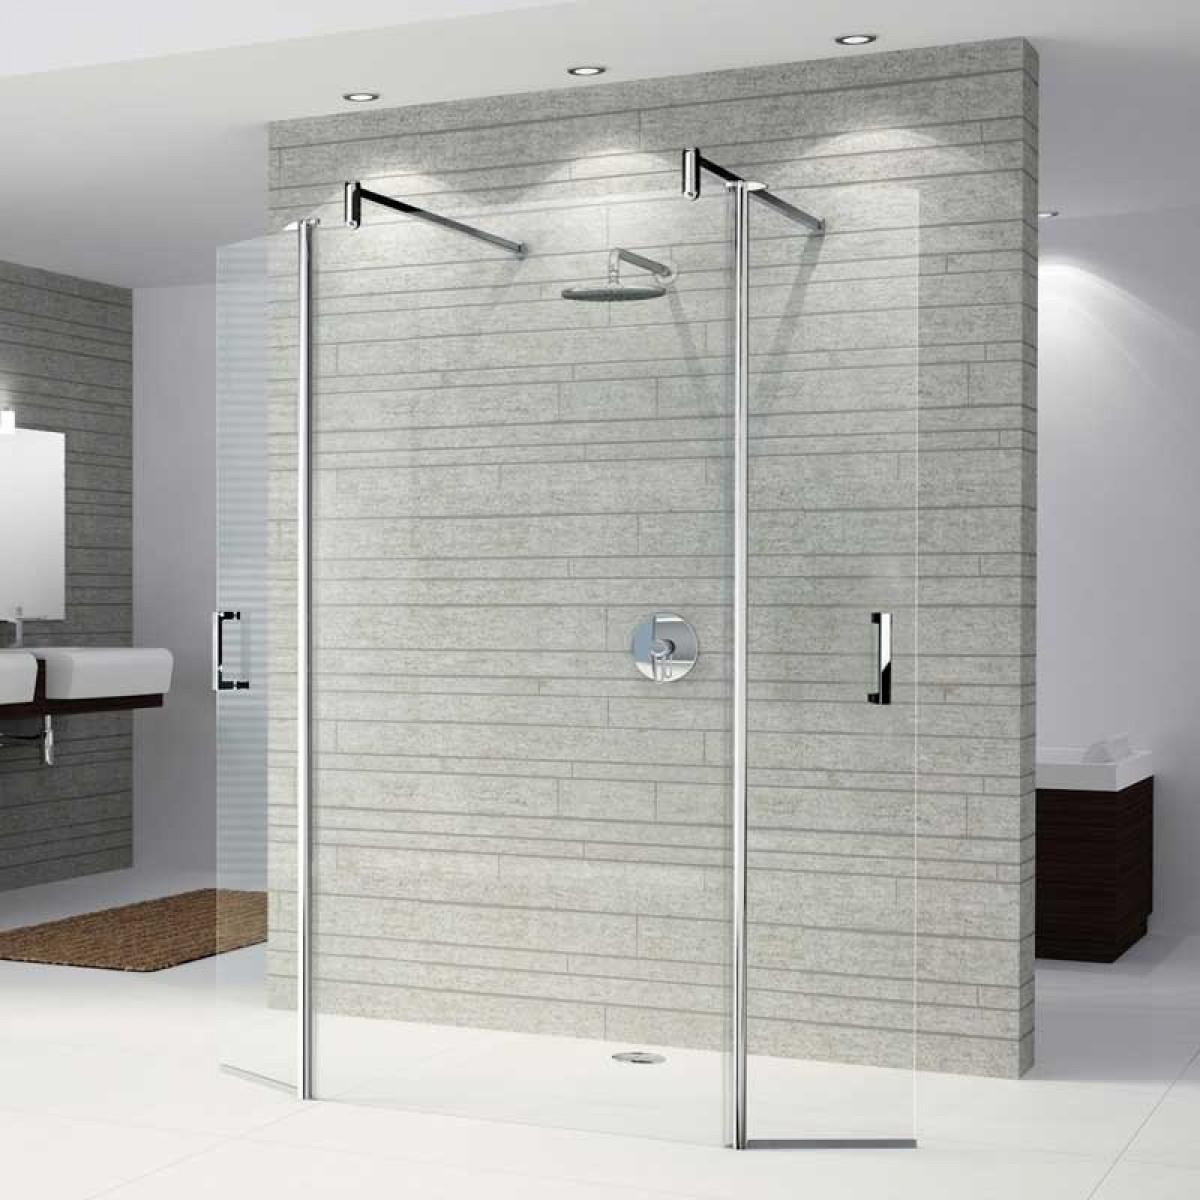 Novellini Go 4 Free Standing Walk in Shower Panels